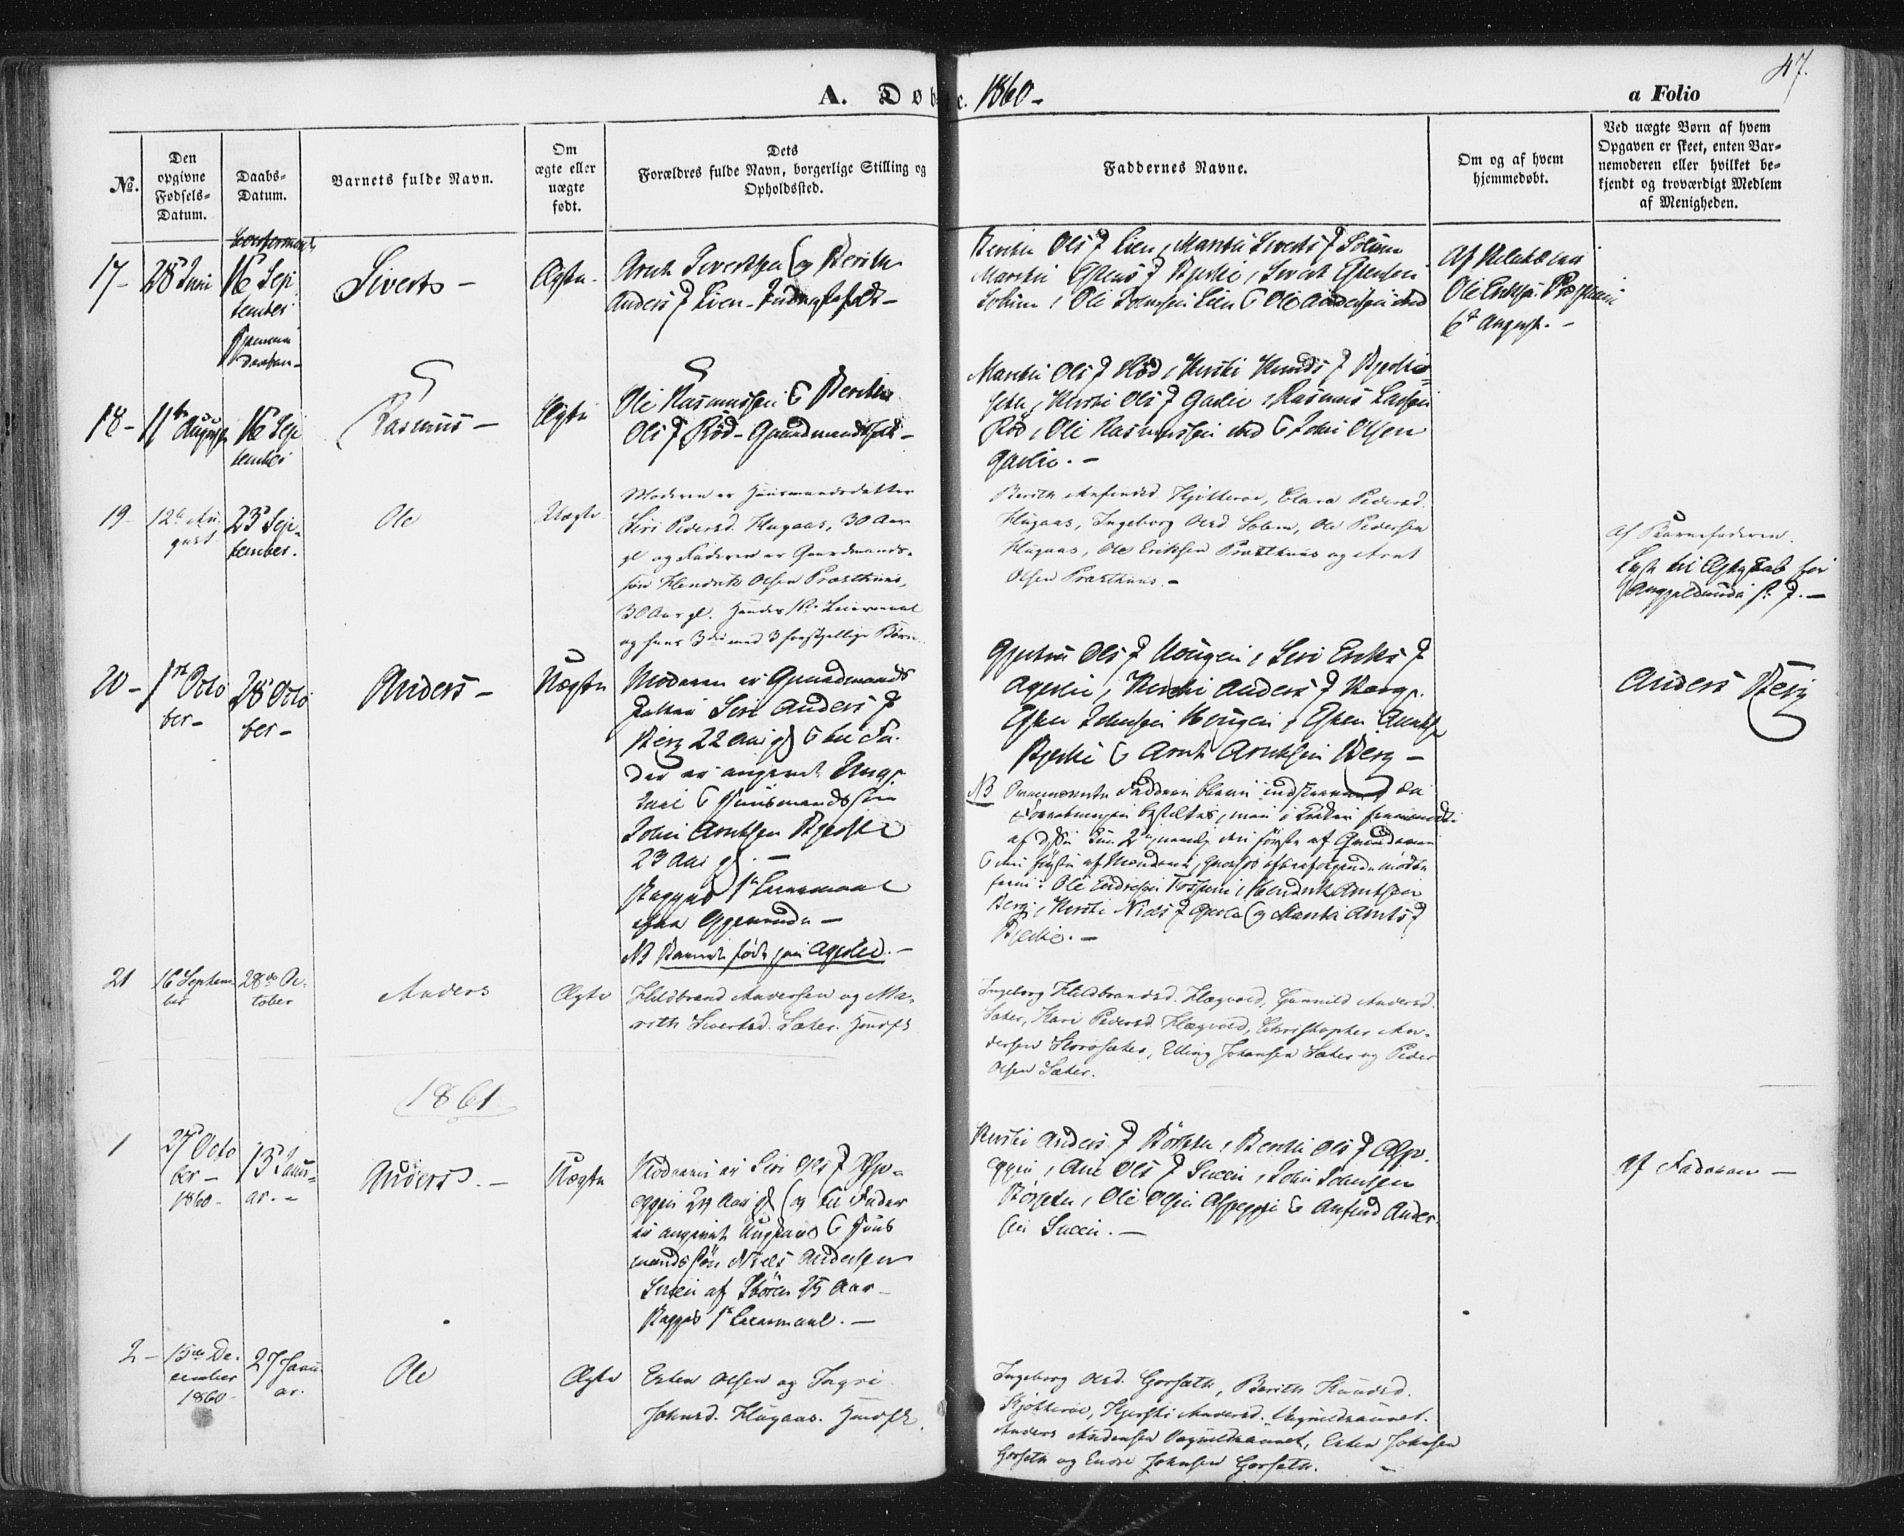 SAT, Ministerialprotokoller, klokkerbøker og fødselsregistre - Sør-Trøndelag, 689/L1038: Ministerialbok nr. 689A03, 1848-1872, s. 47